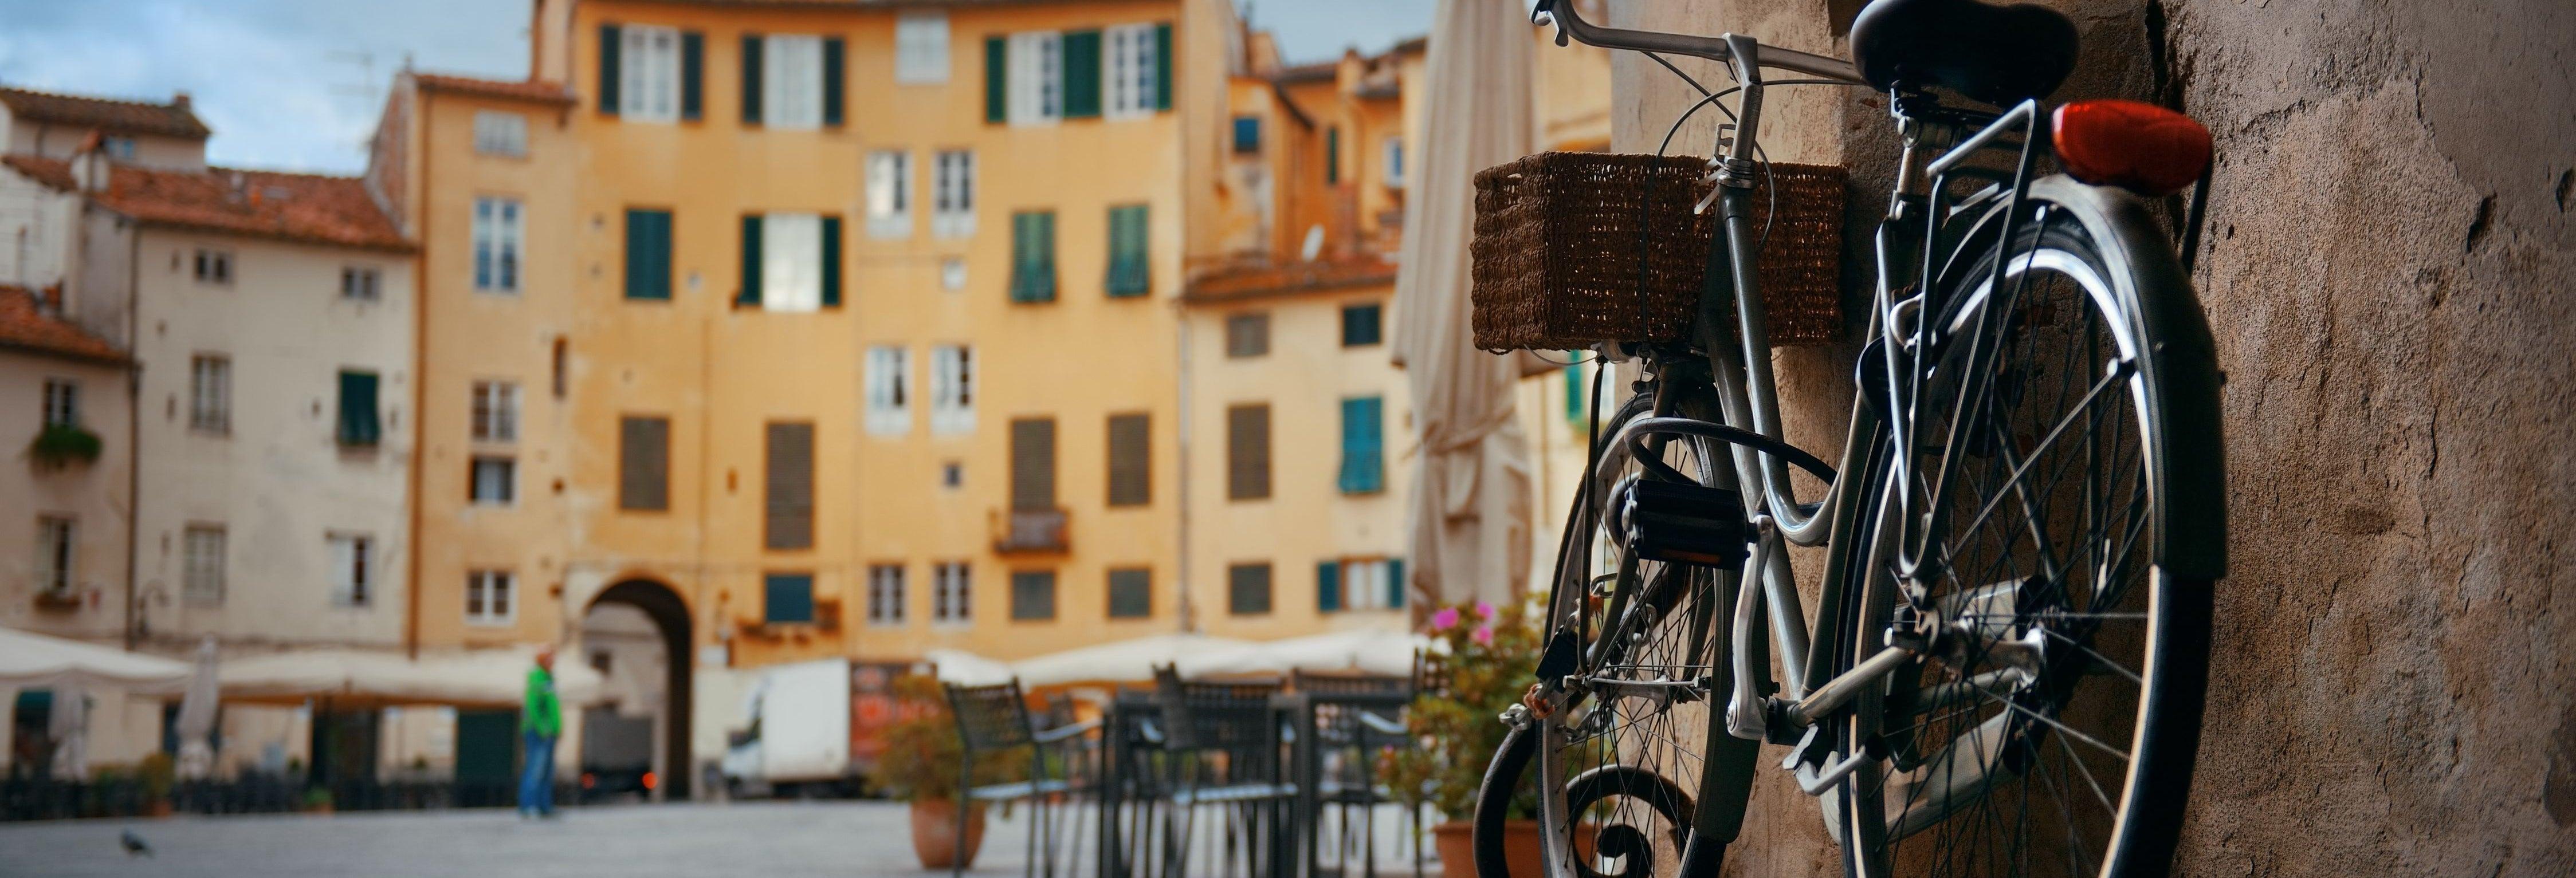 Aluguel de bicicletas em Lucca